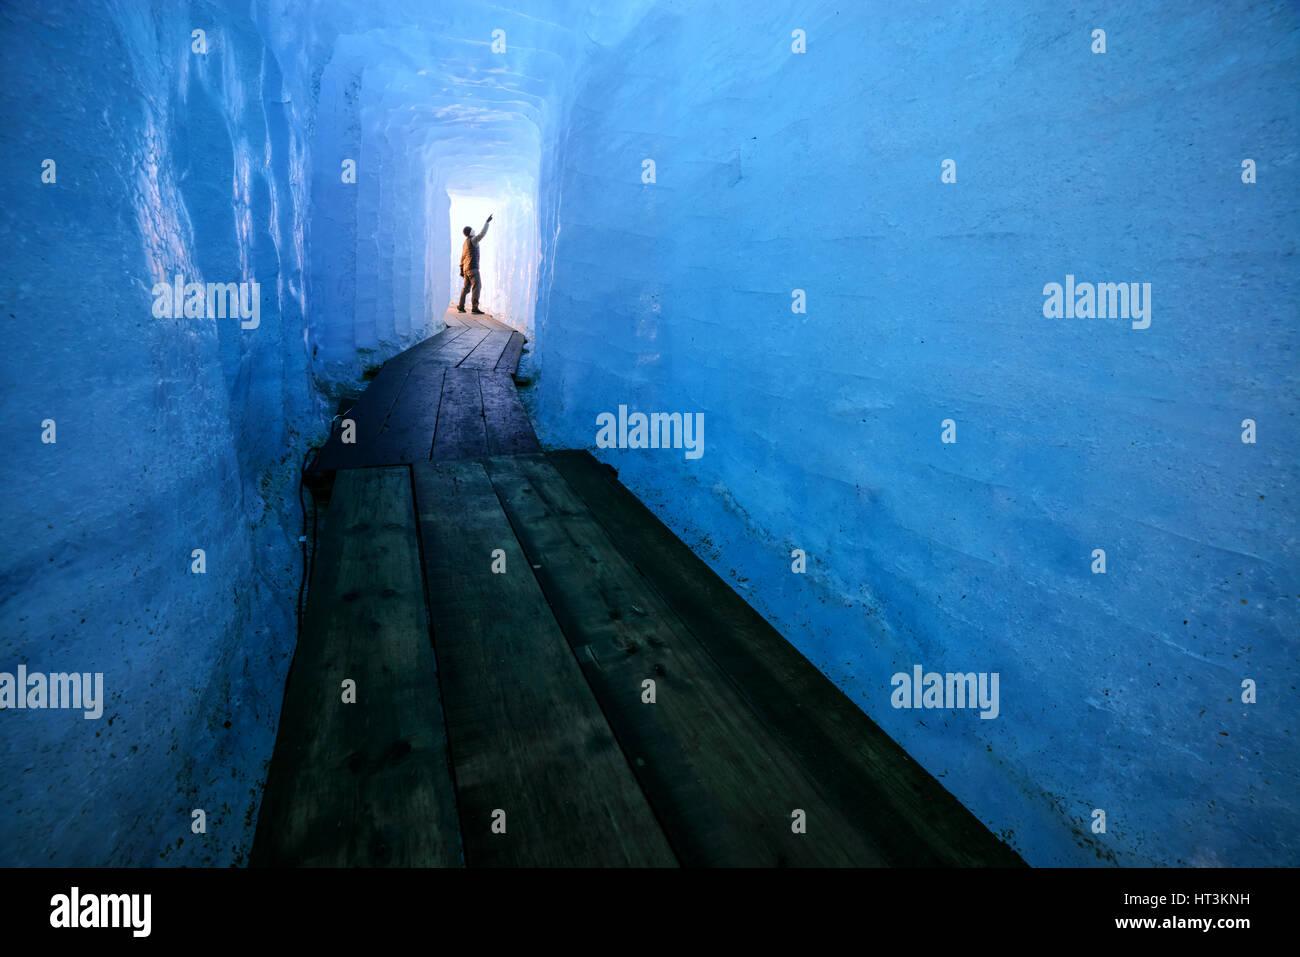 Mann-Silhouette in der Eishöhle. Rhone Gletscher, Schweiz, Europa. Stockbild